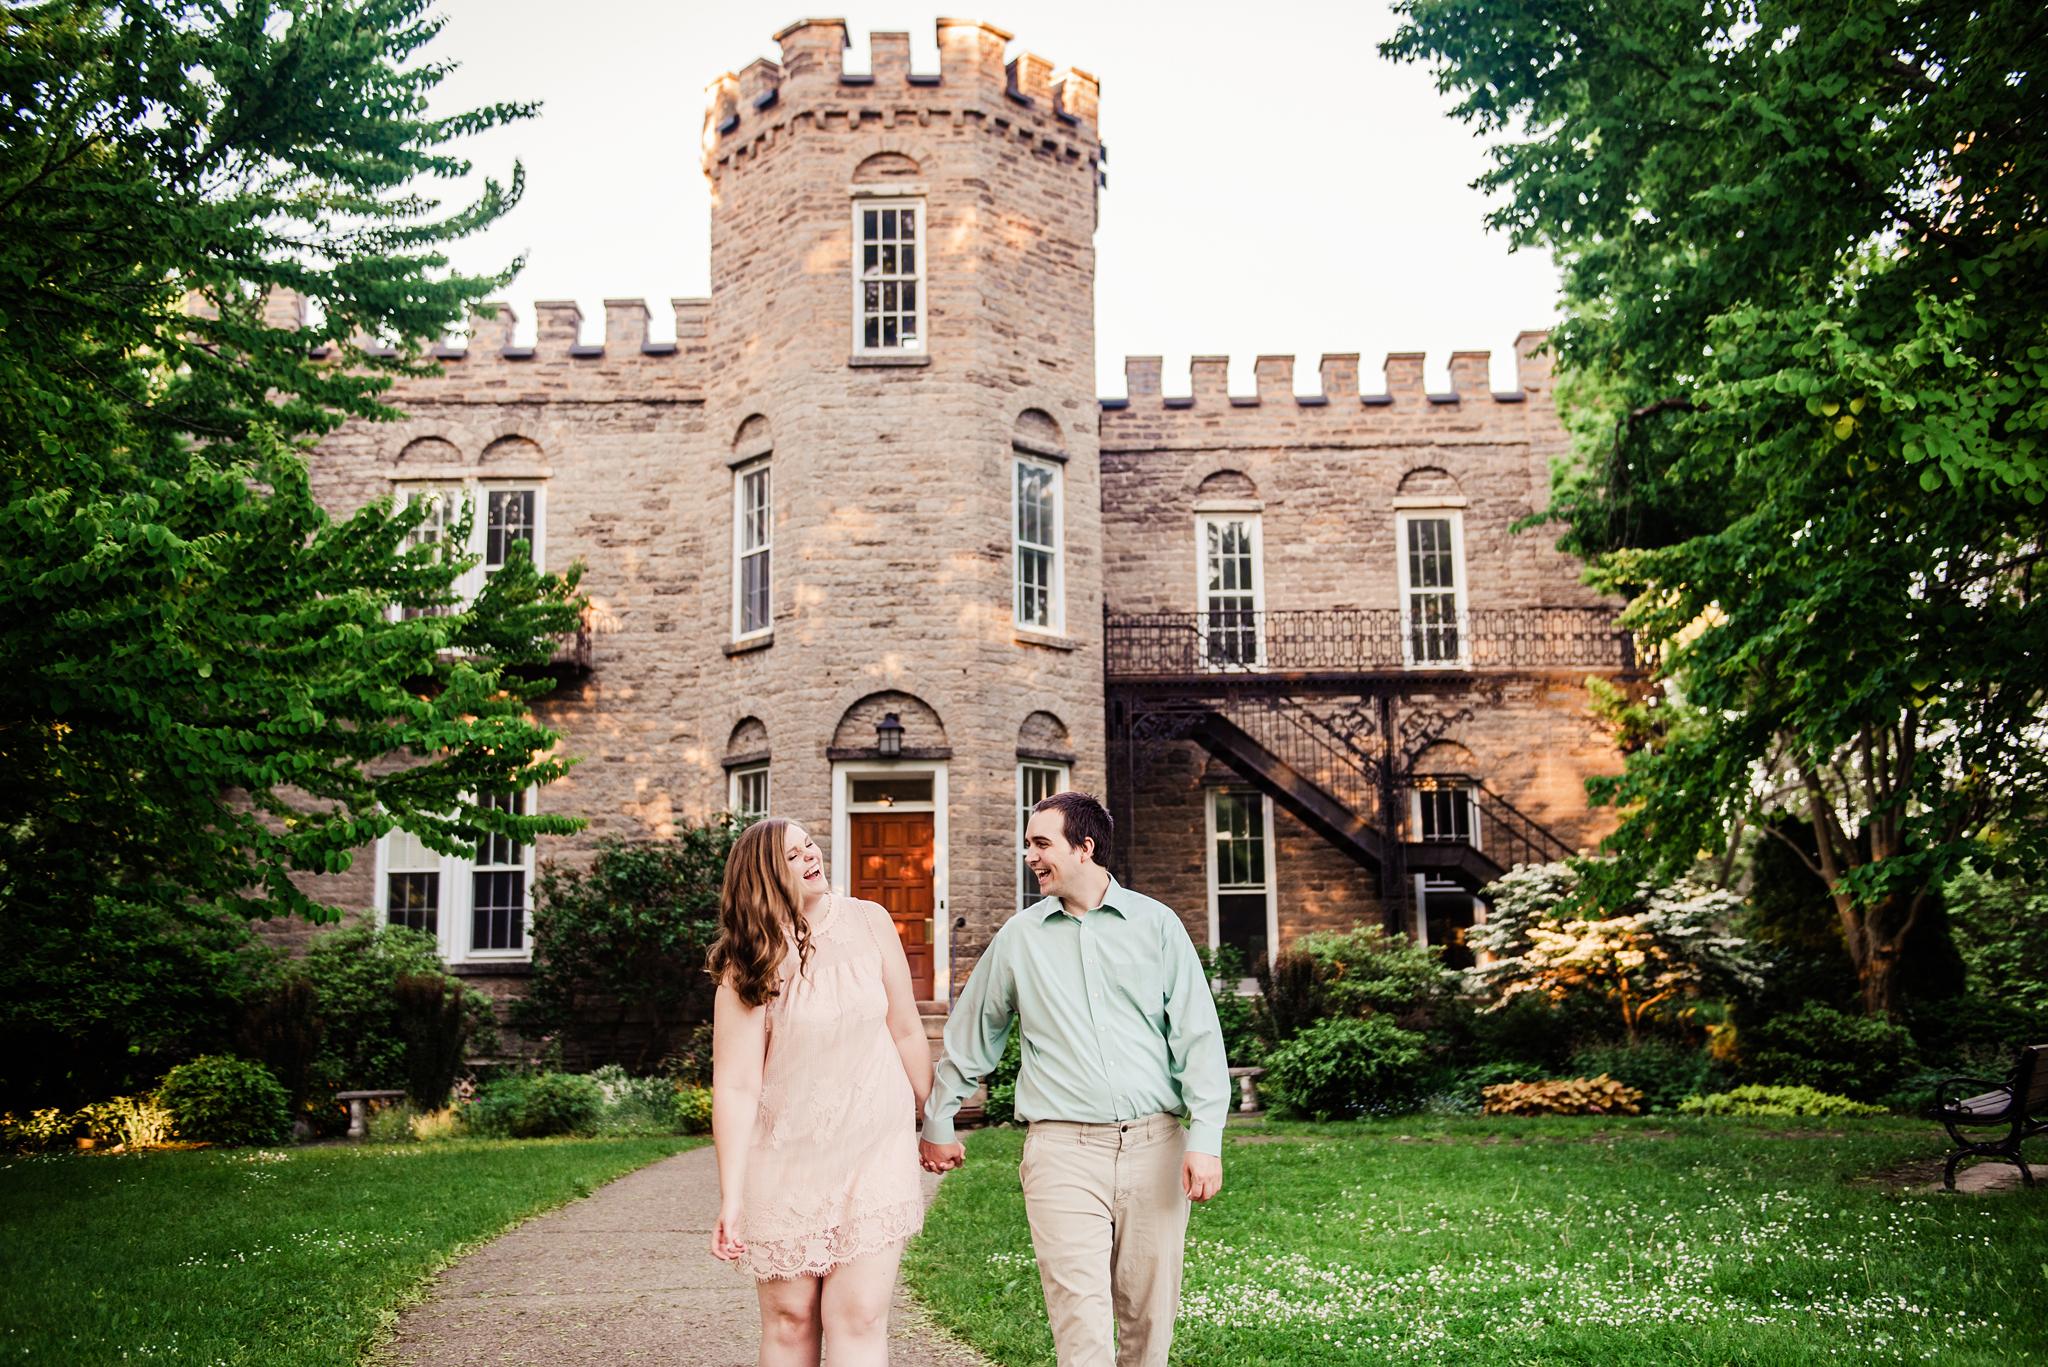 Warner_Castle_Sunken_Gardens_Rochester_Engagement_Session_JILL_STUDIO_Rochester_NY_Photographer_DSC_1528.jpg